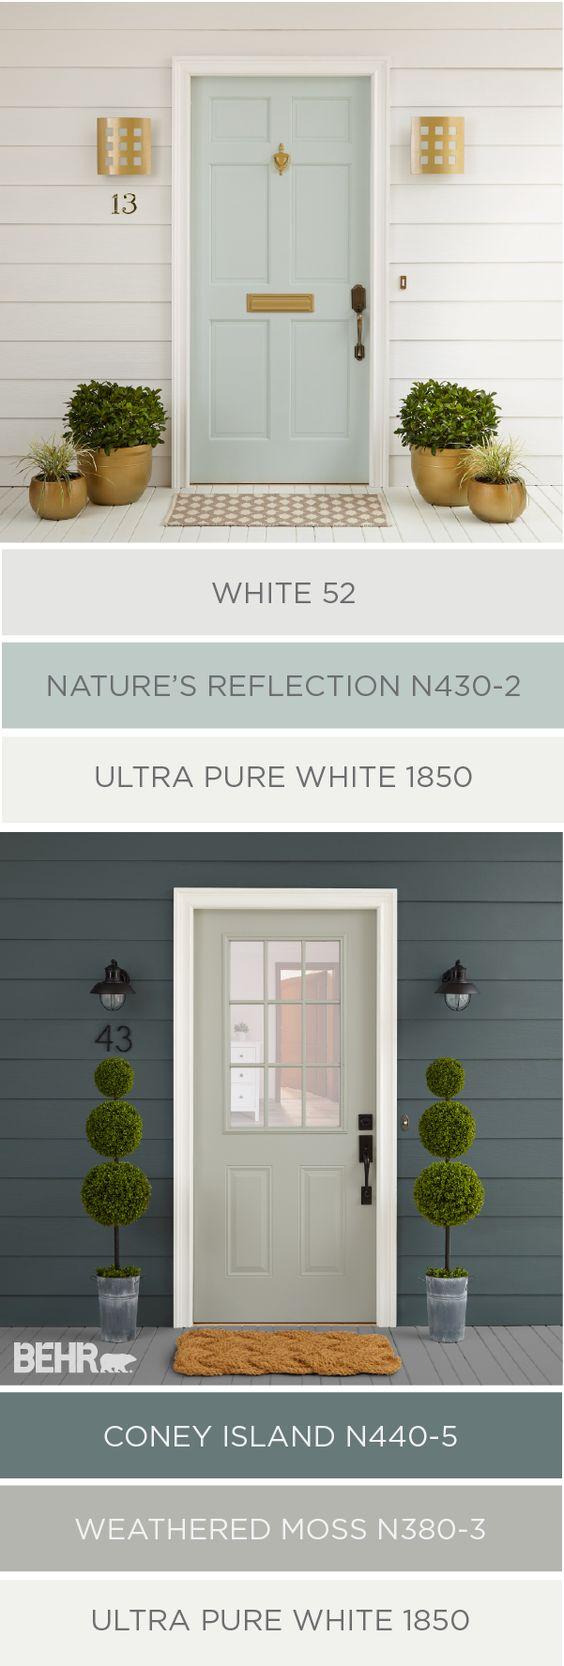 Exterior color palette by behr favorite paint colors for Outside door paint